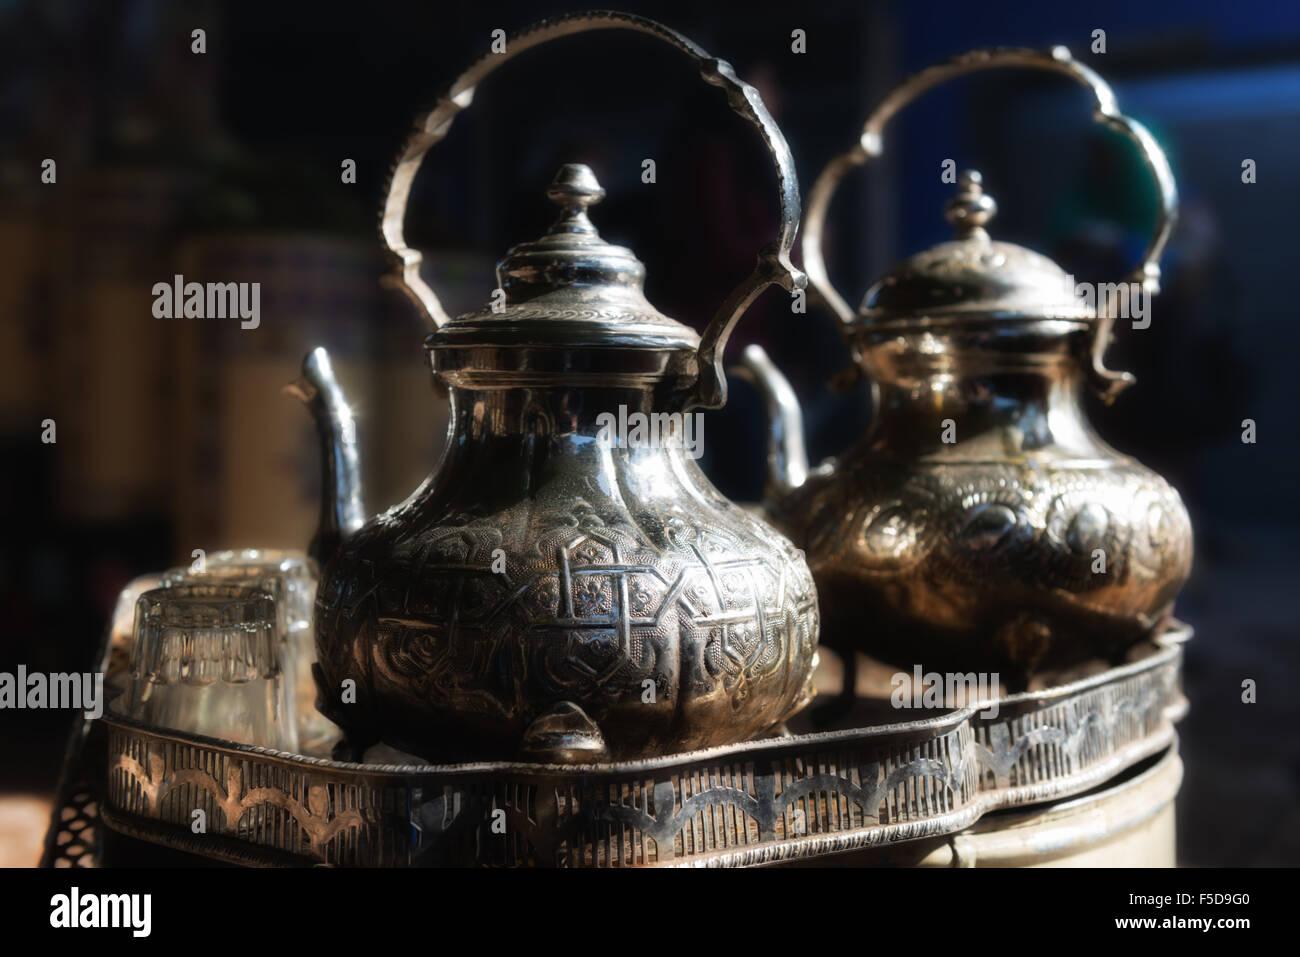 Marocchino tradizionale teiera con bicchieri in un tè. Medina di Marrakesh, Marocco. Immagini Stock